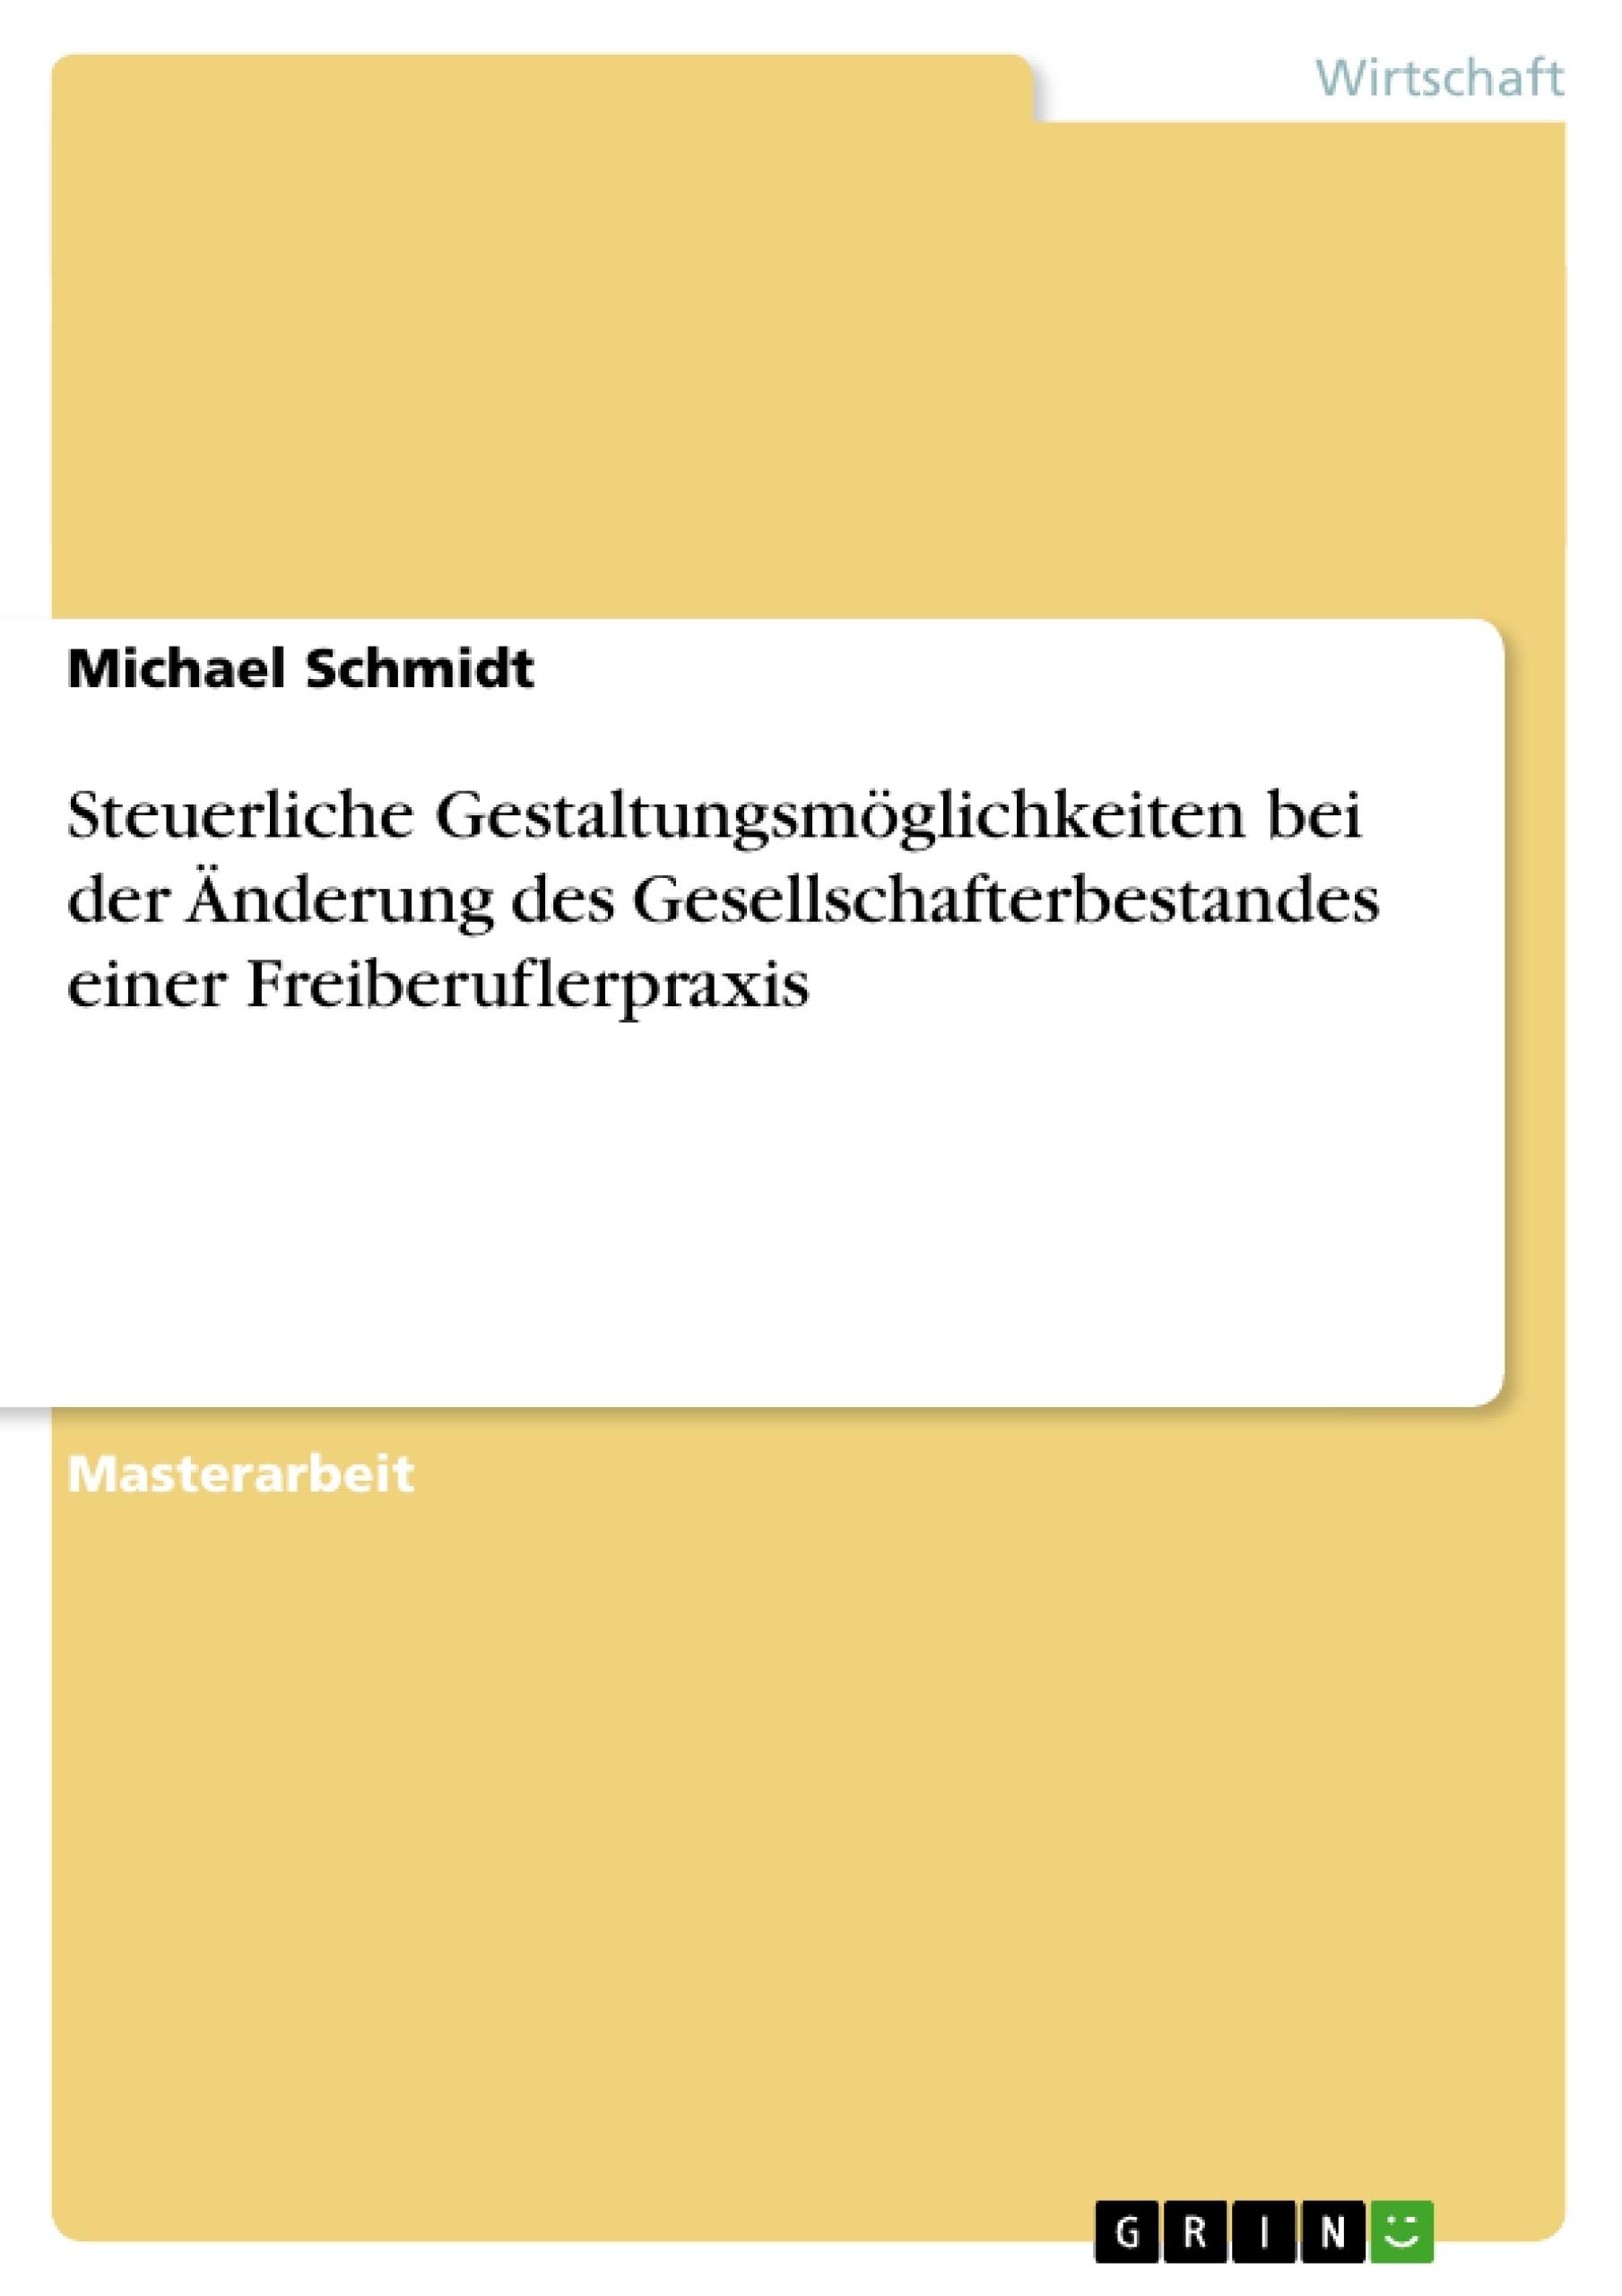 Titel: Steuerliche Gestaltungsmöglichkeiten bei der Änderung des Gesellschafterbestandes einer Freiberuflerpraxis